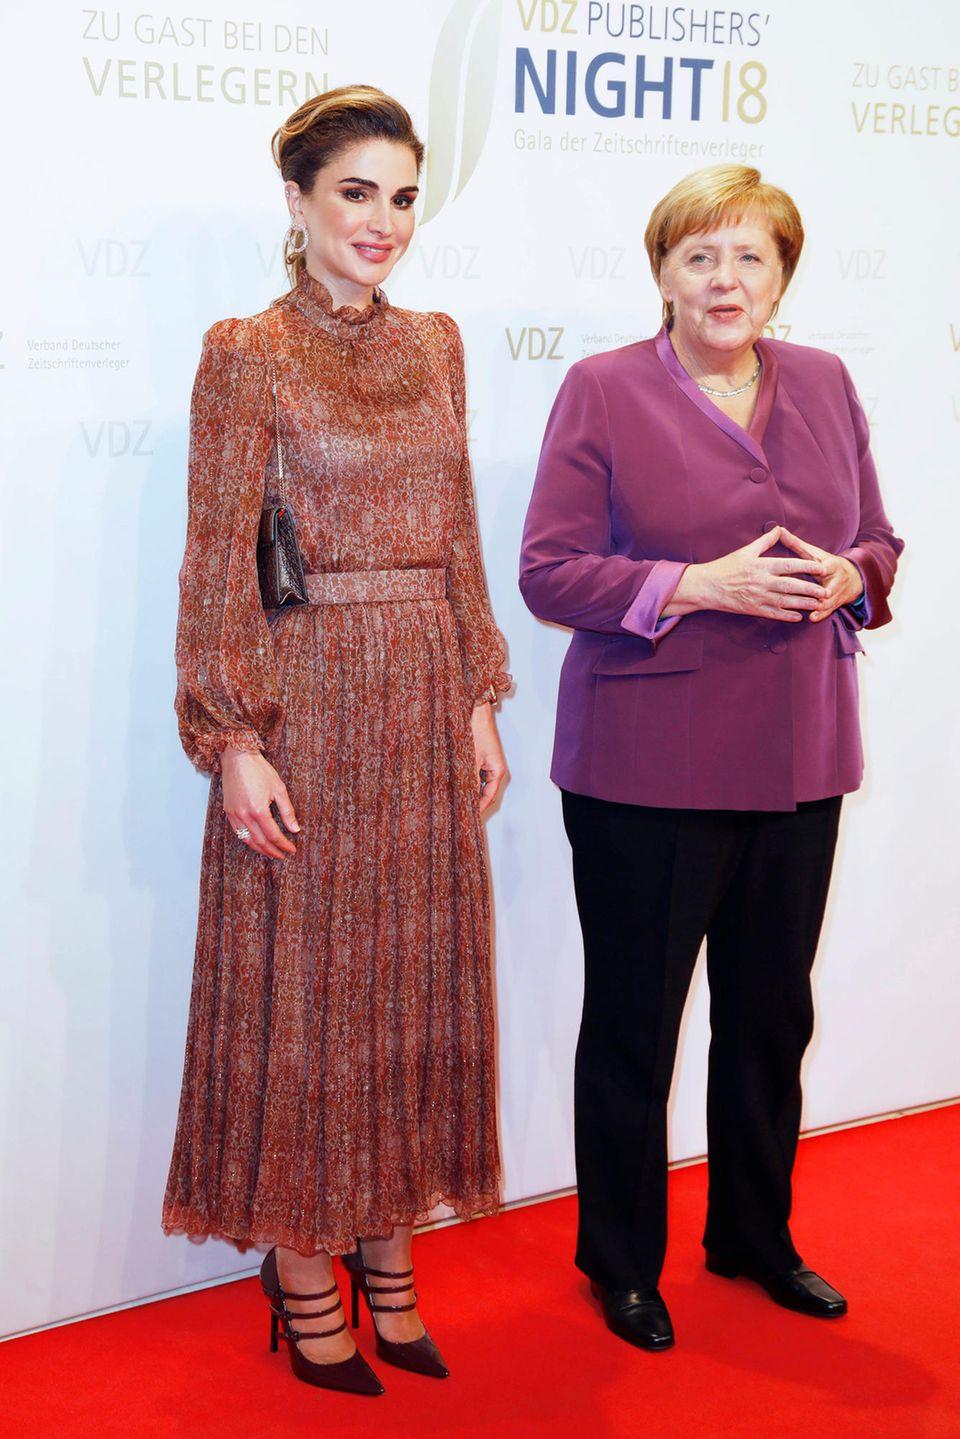 Königin Rania und Angela Merkel bei der VDZ Publisher's Night in der Hauptstadtrepräsentanz der Deutschen Telekom in Berlin. Der jordanische Royal übergab der Bundeskanzlerinden Ehrenpreis Goldene Victoria.